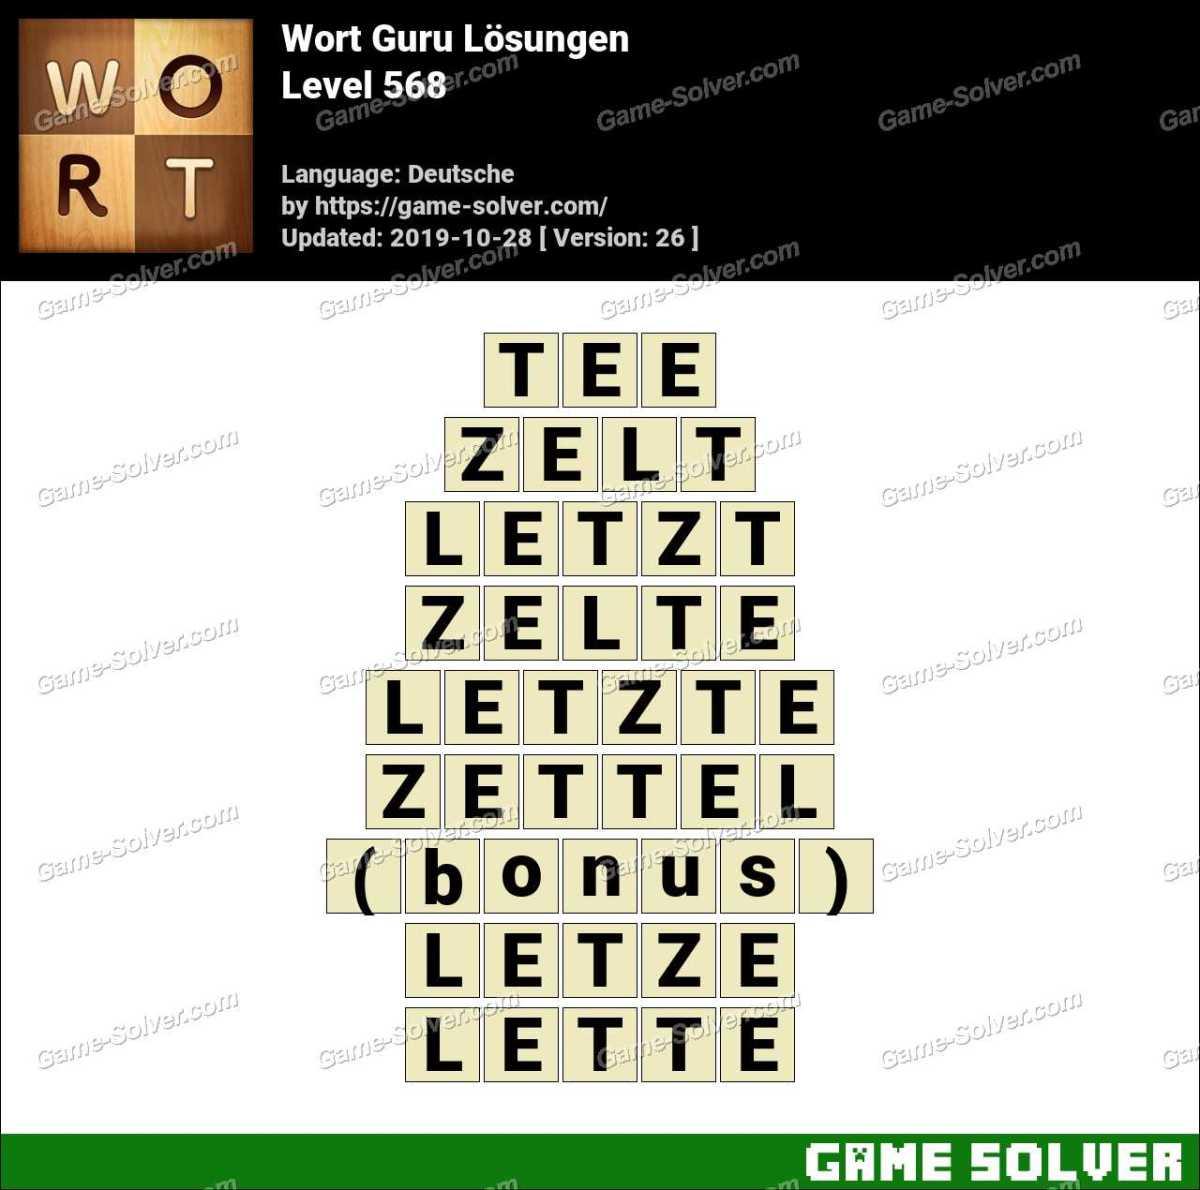 Wort Guru Level 568 Lösungen